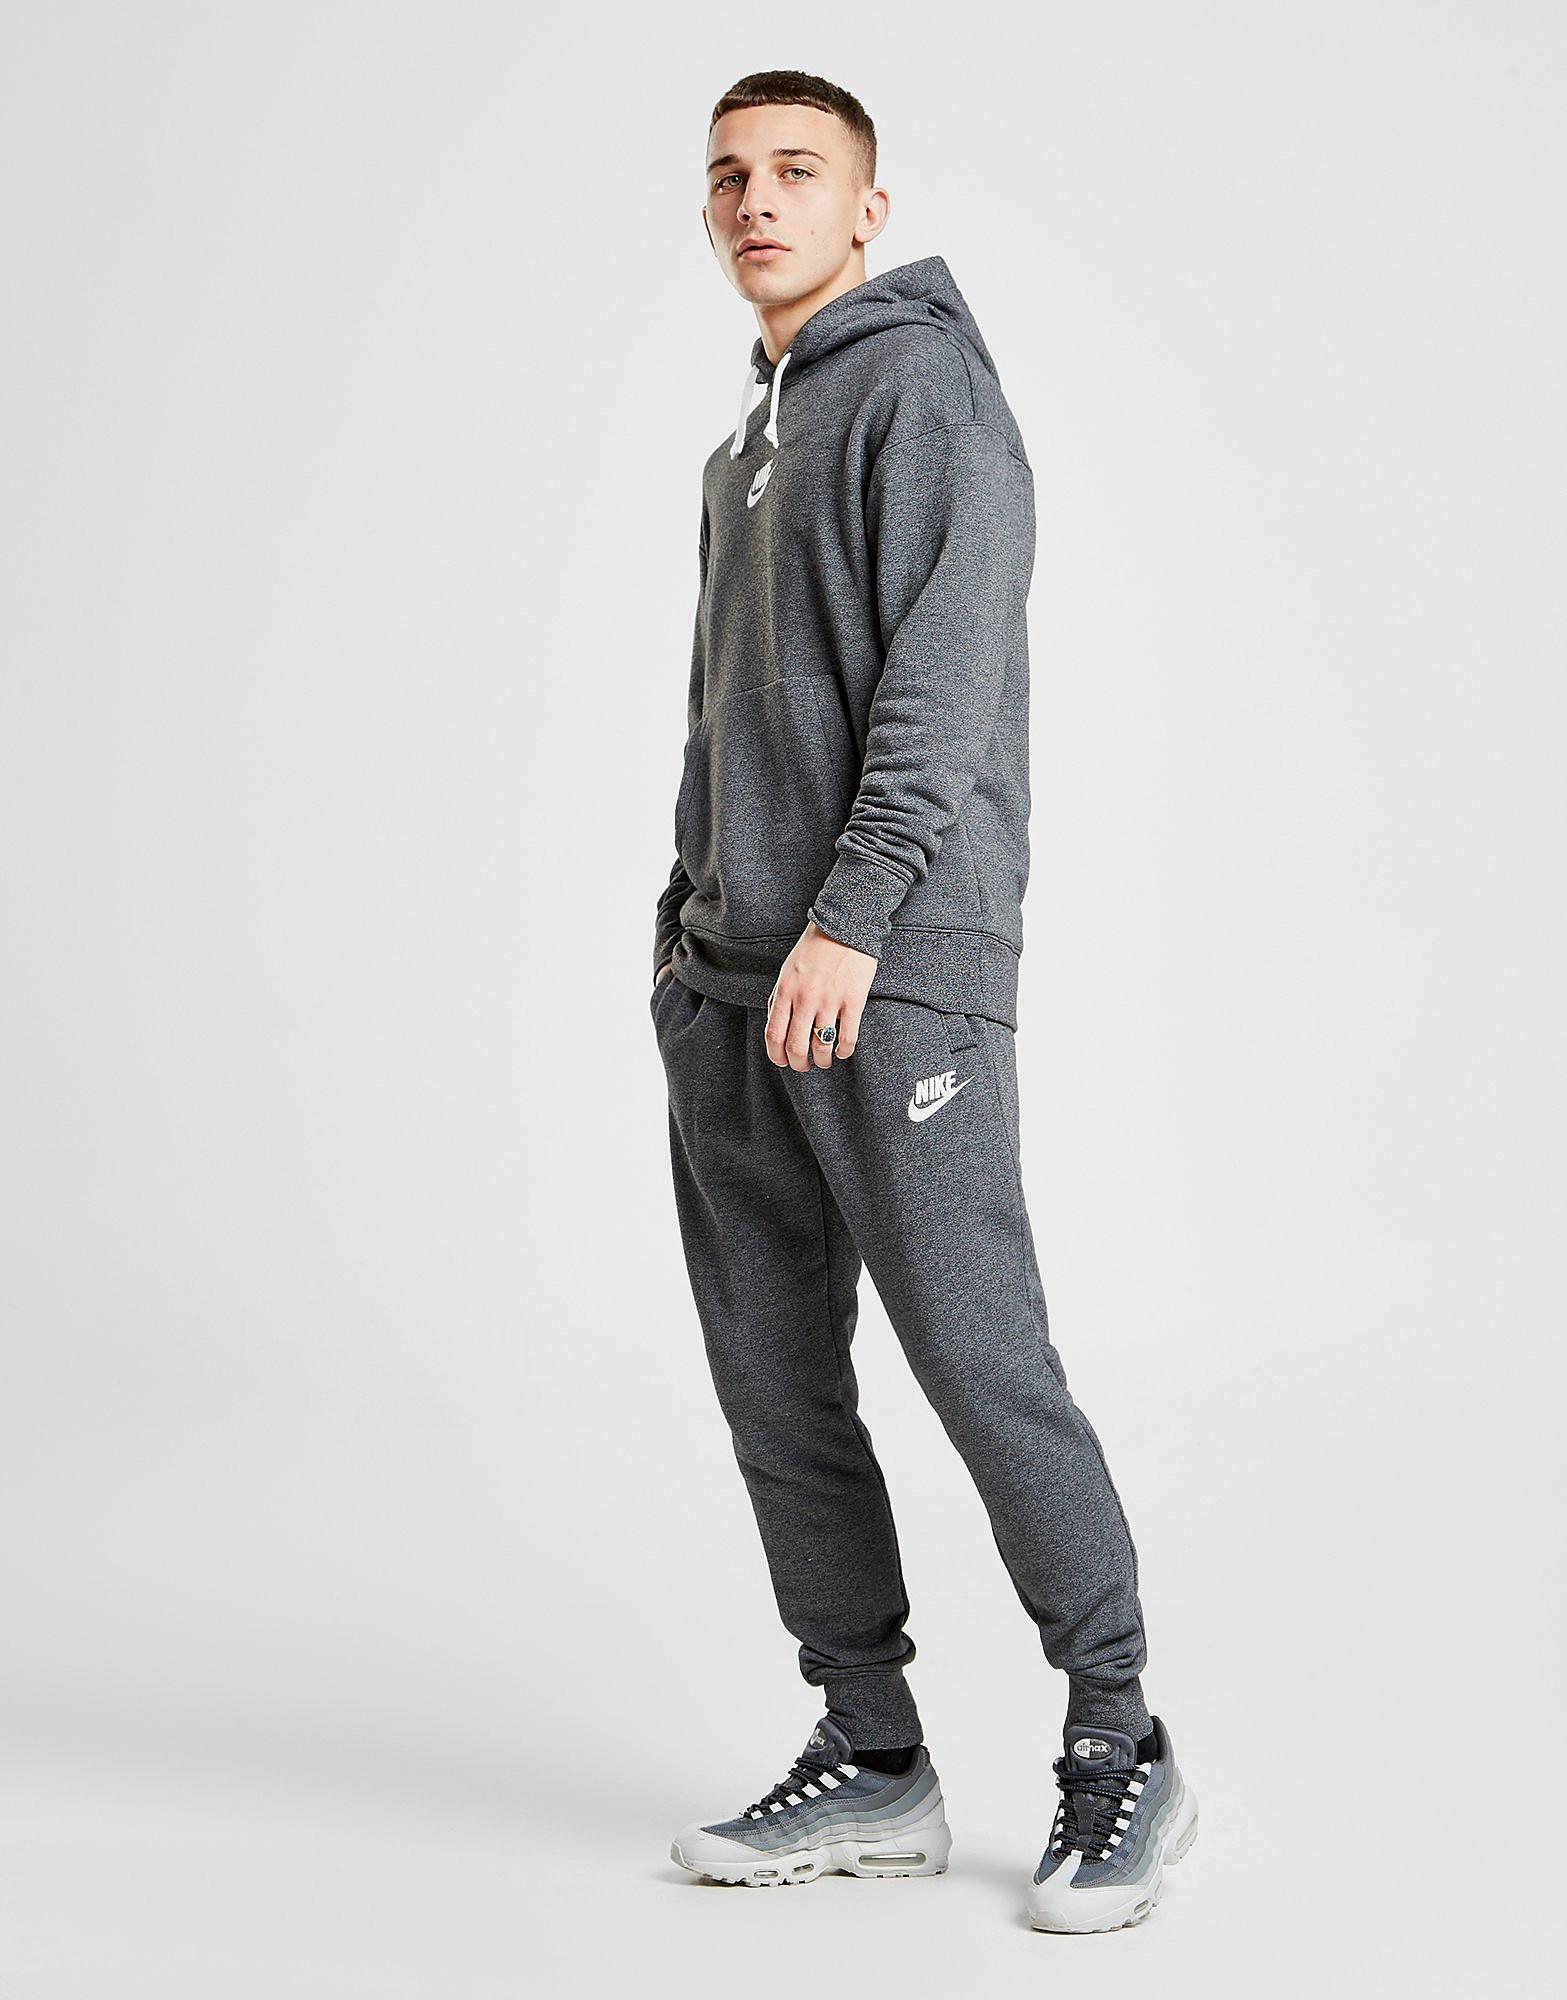 Nike Heritage Track Pants - Grau - Mens, Grau